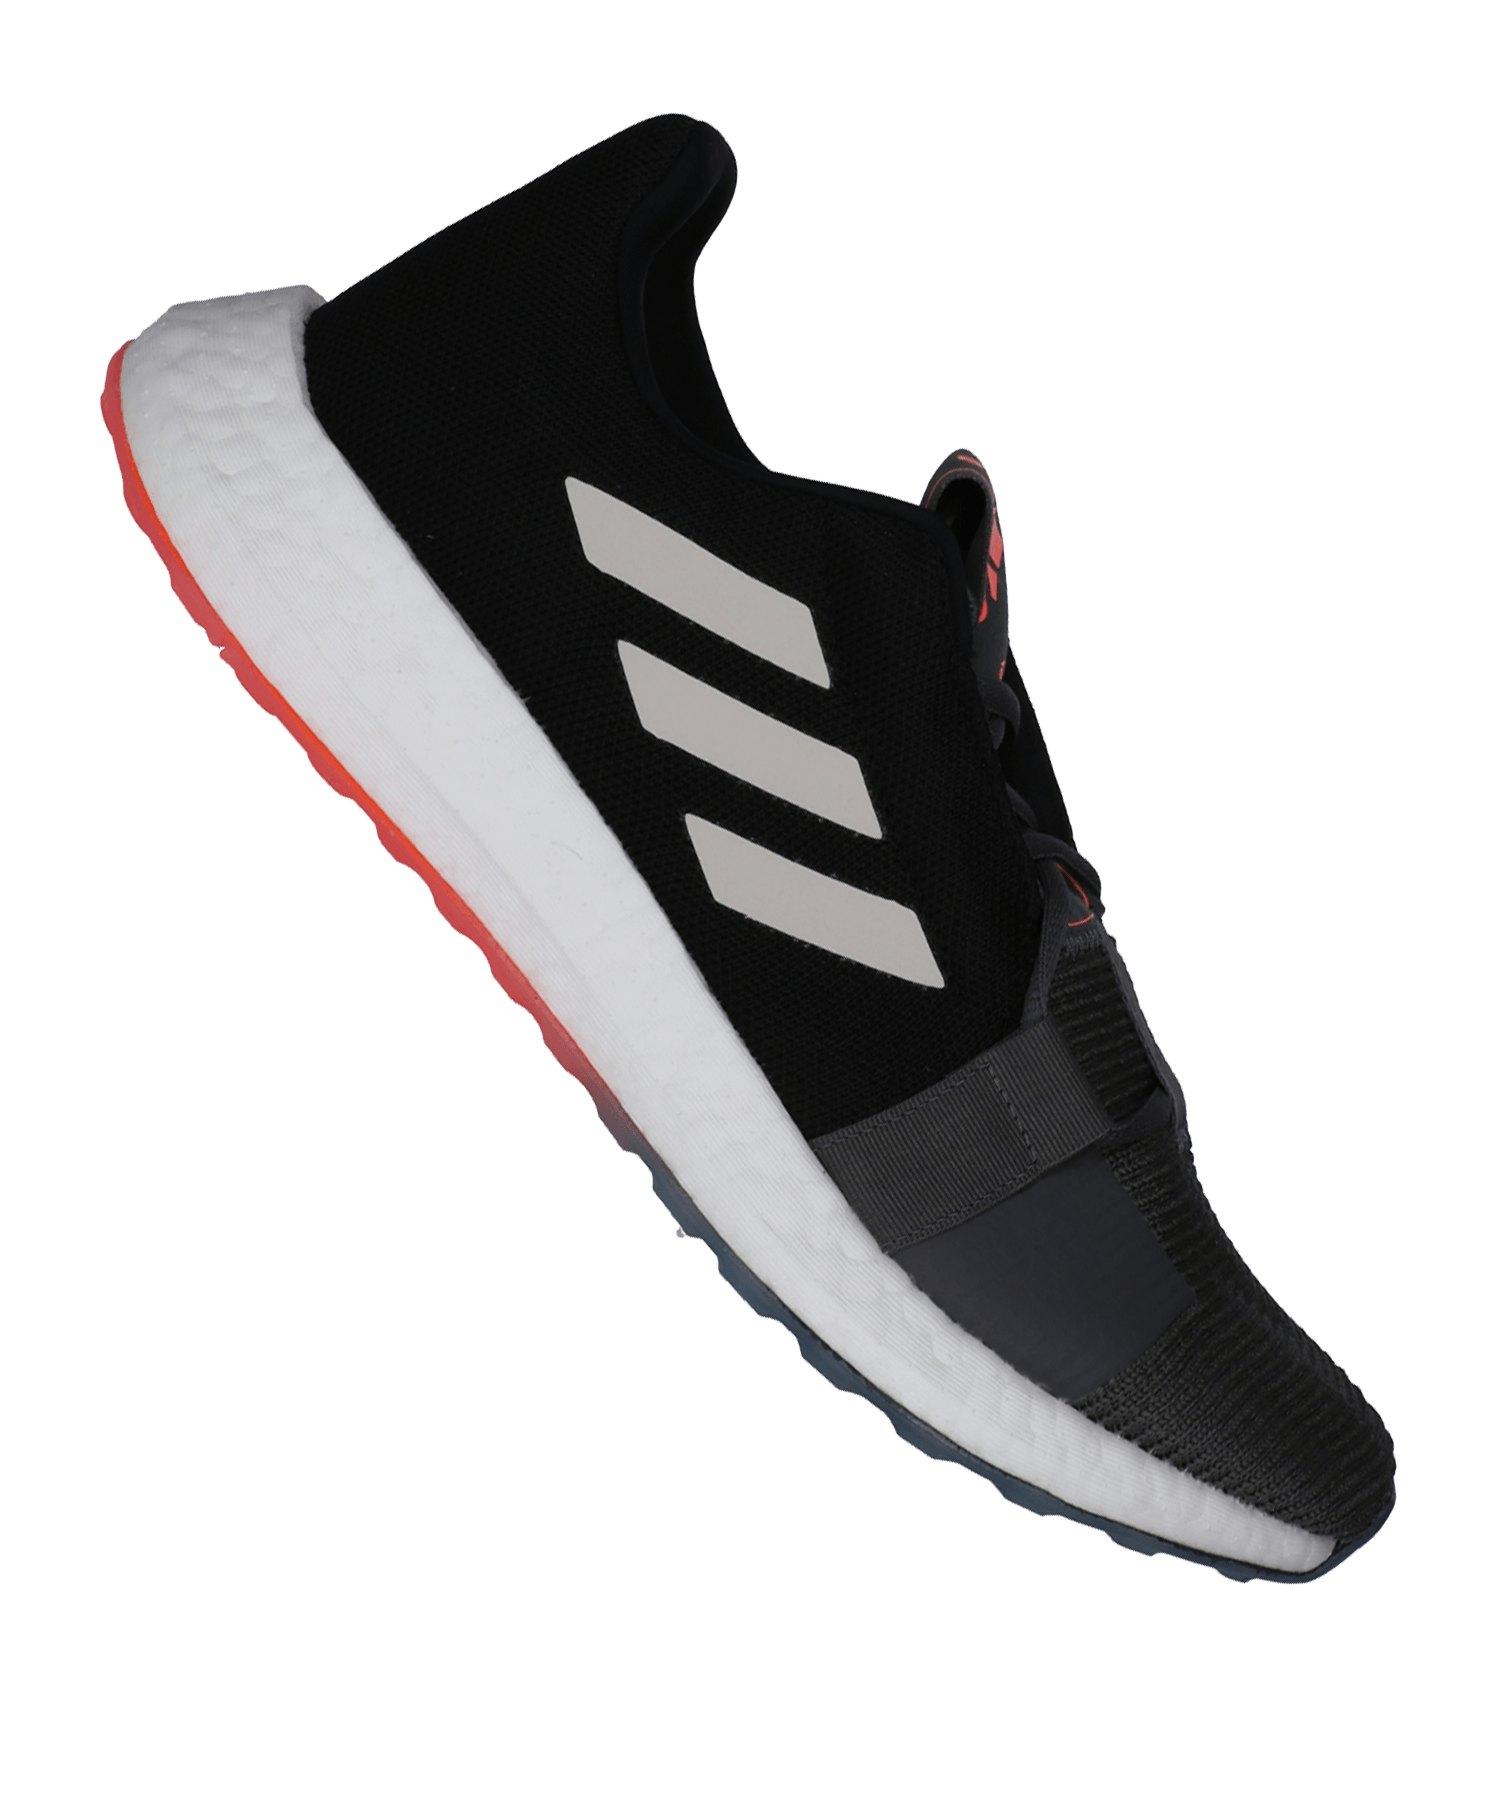 adidas Sense Boost Go Running Grau Rot - grau